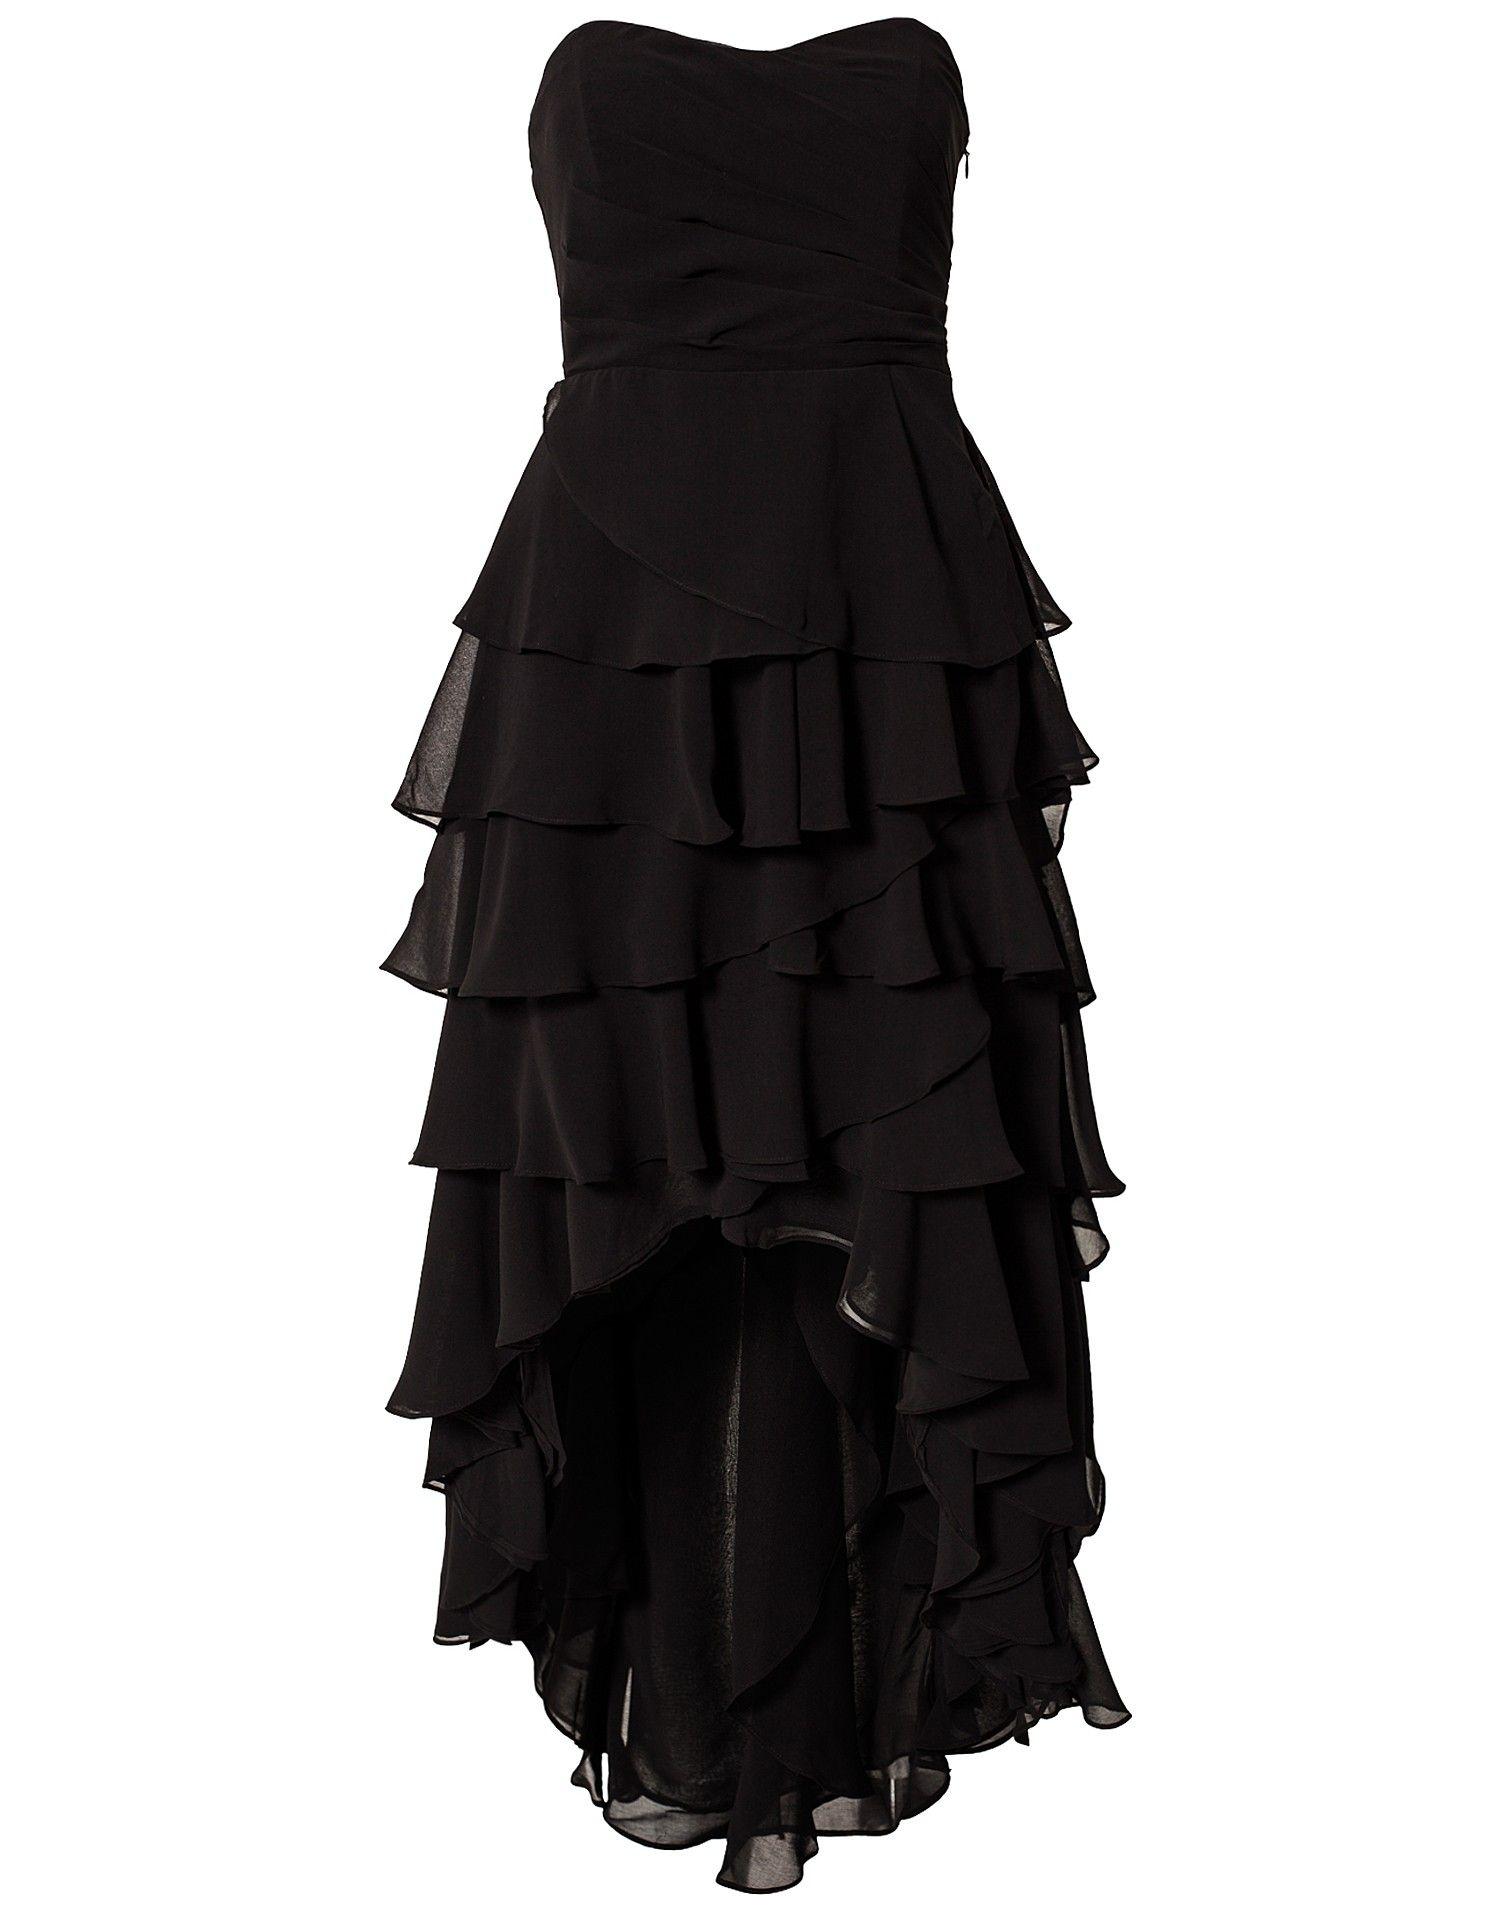 Senna Dress  Chiffon abendkleider, Abschlussball kleider und Kleider